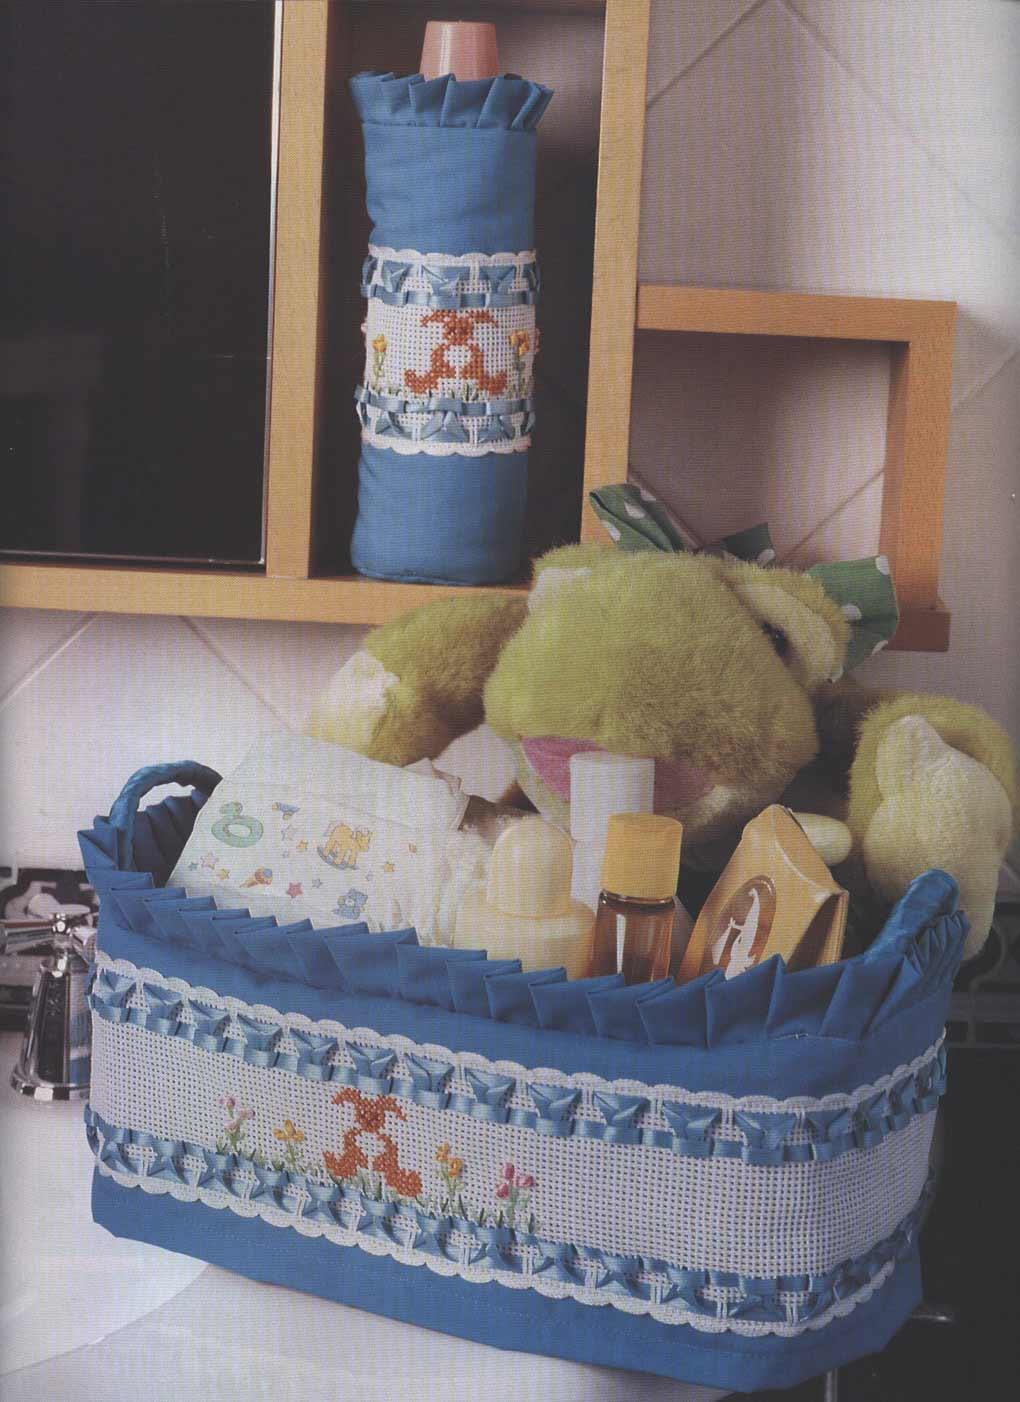 Bordados con cintas bata de ba o sueter cortina de ba o toallas variasmanualidades 39 s blog - Toallas para bano ...